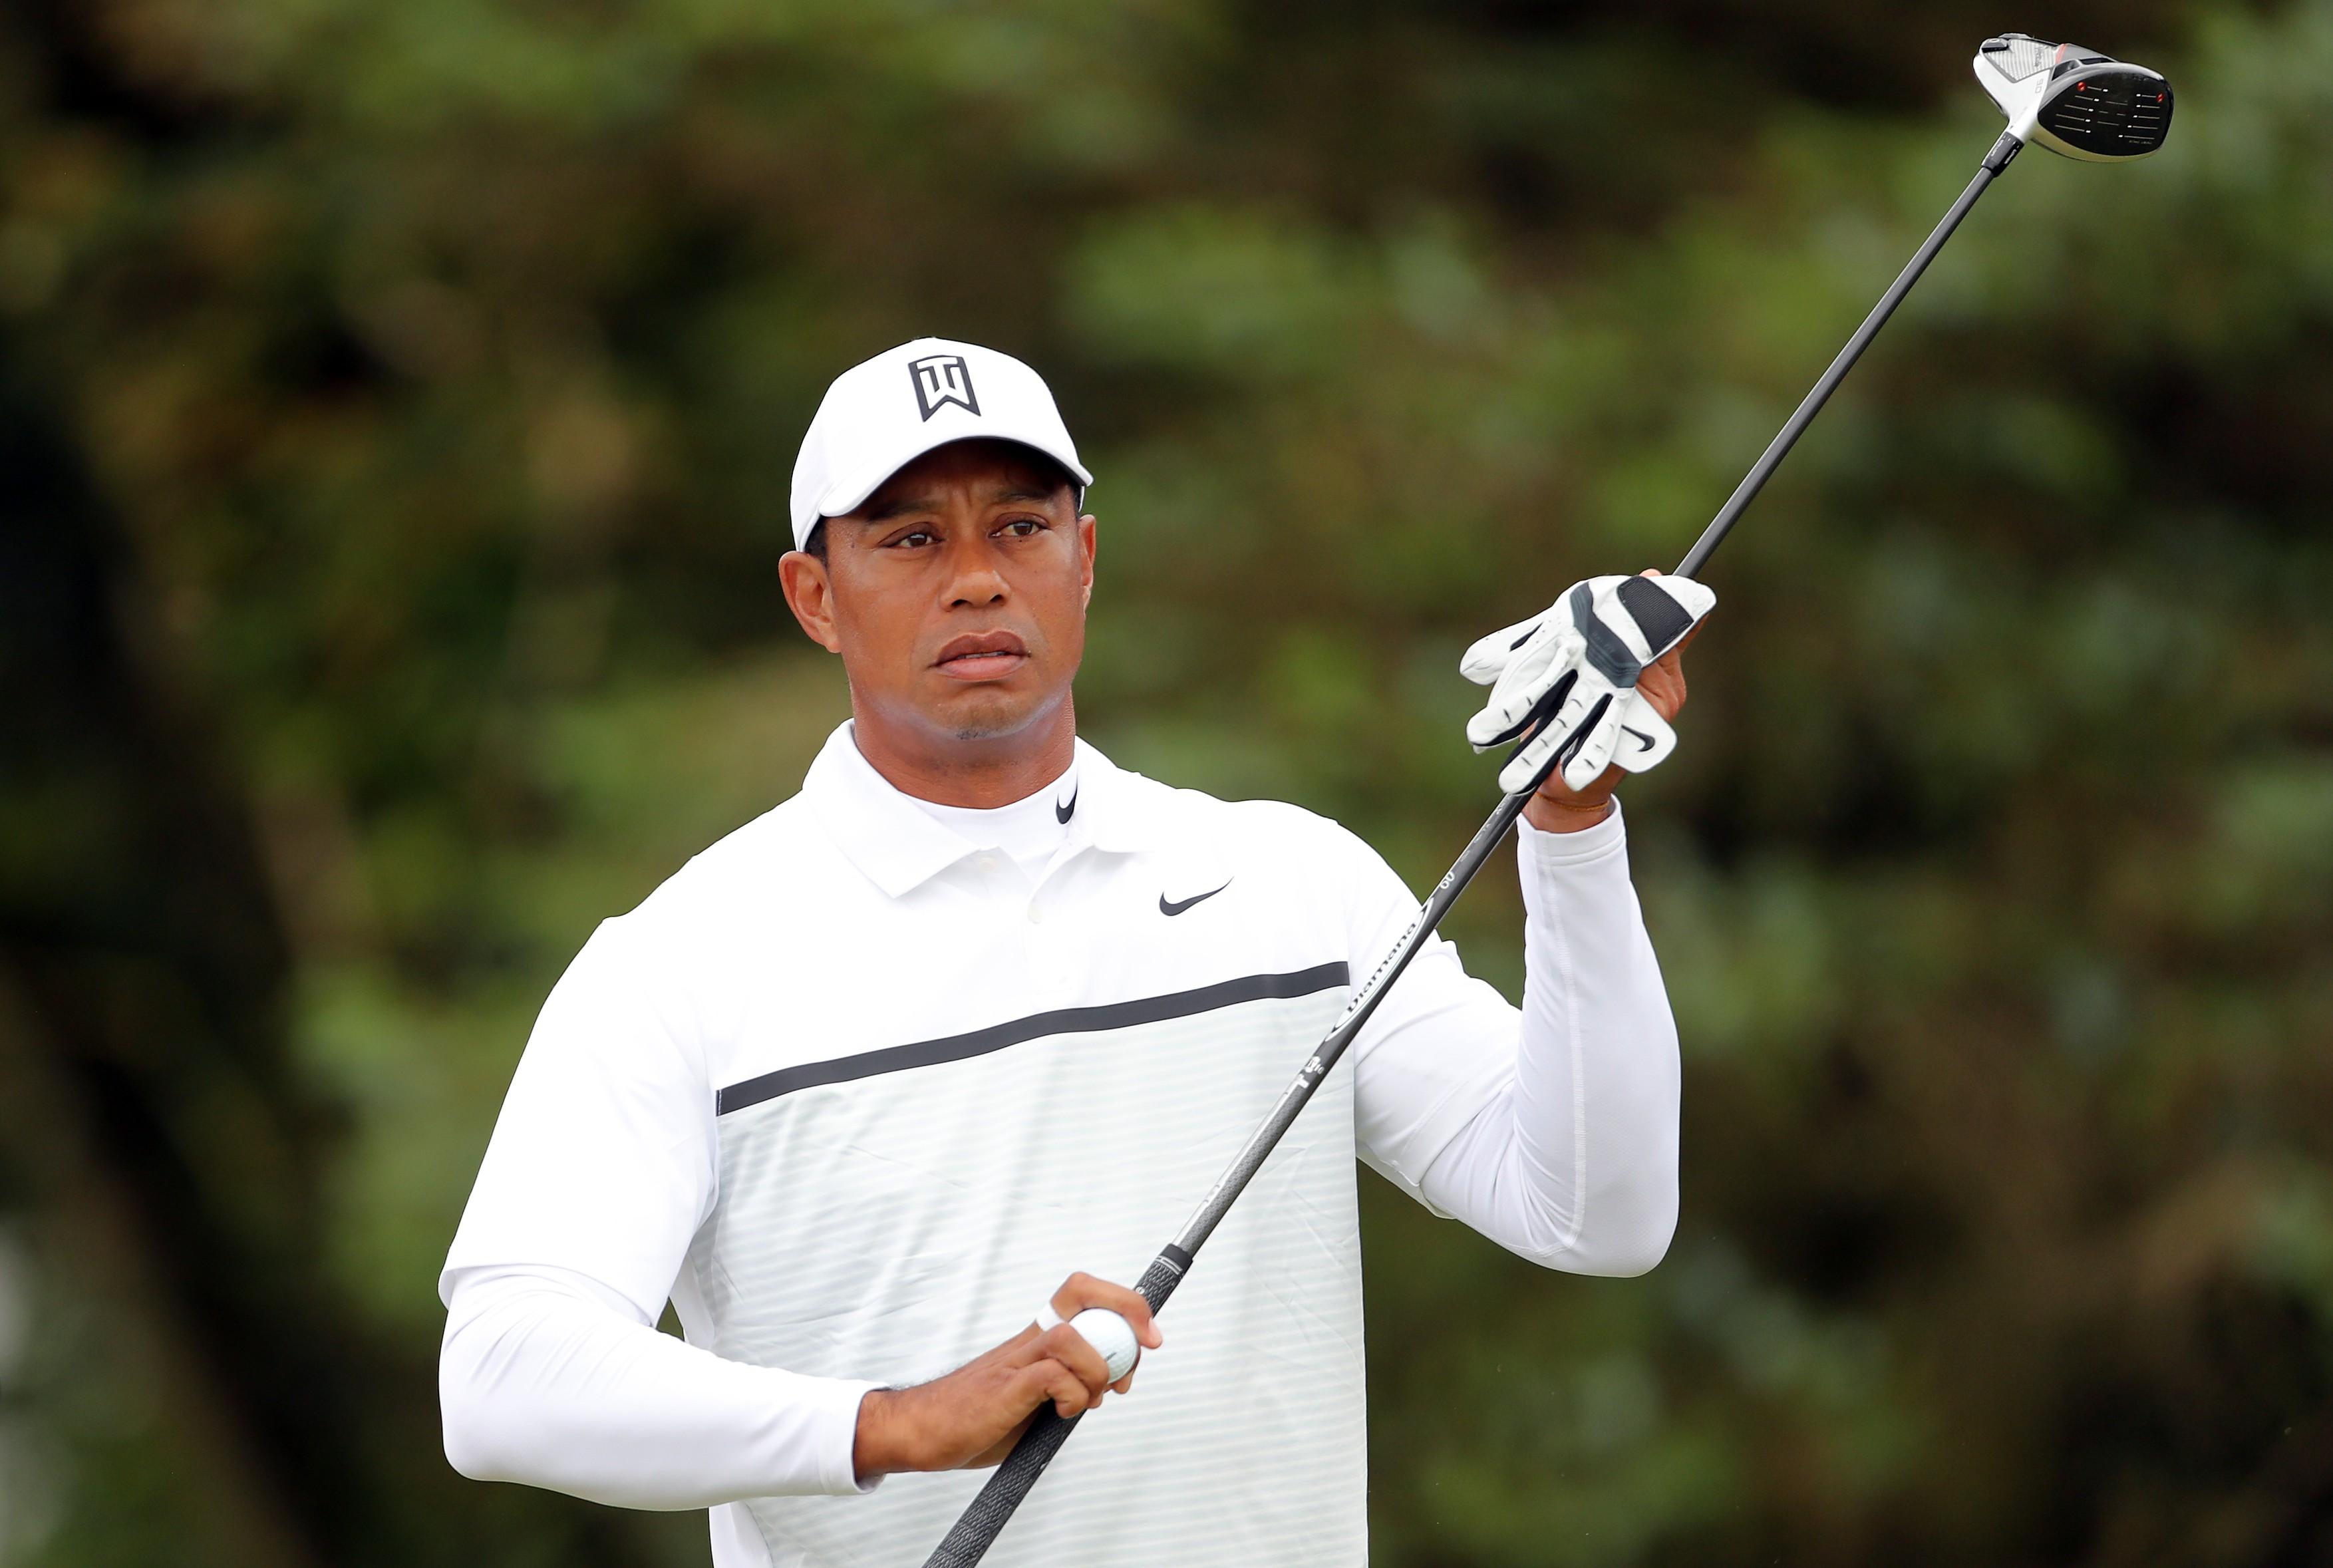 Legenda golfului, Tiger Woods, a ajuns grav rănit la spital după ce a fost implicat într-un accident de mașină